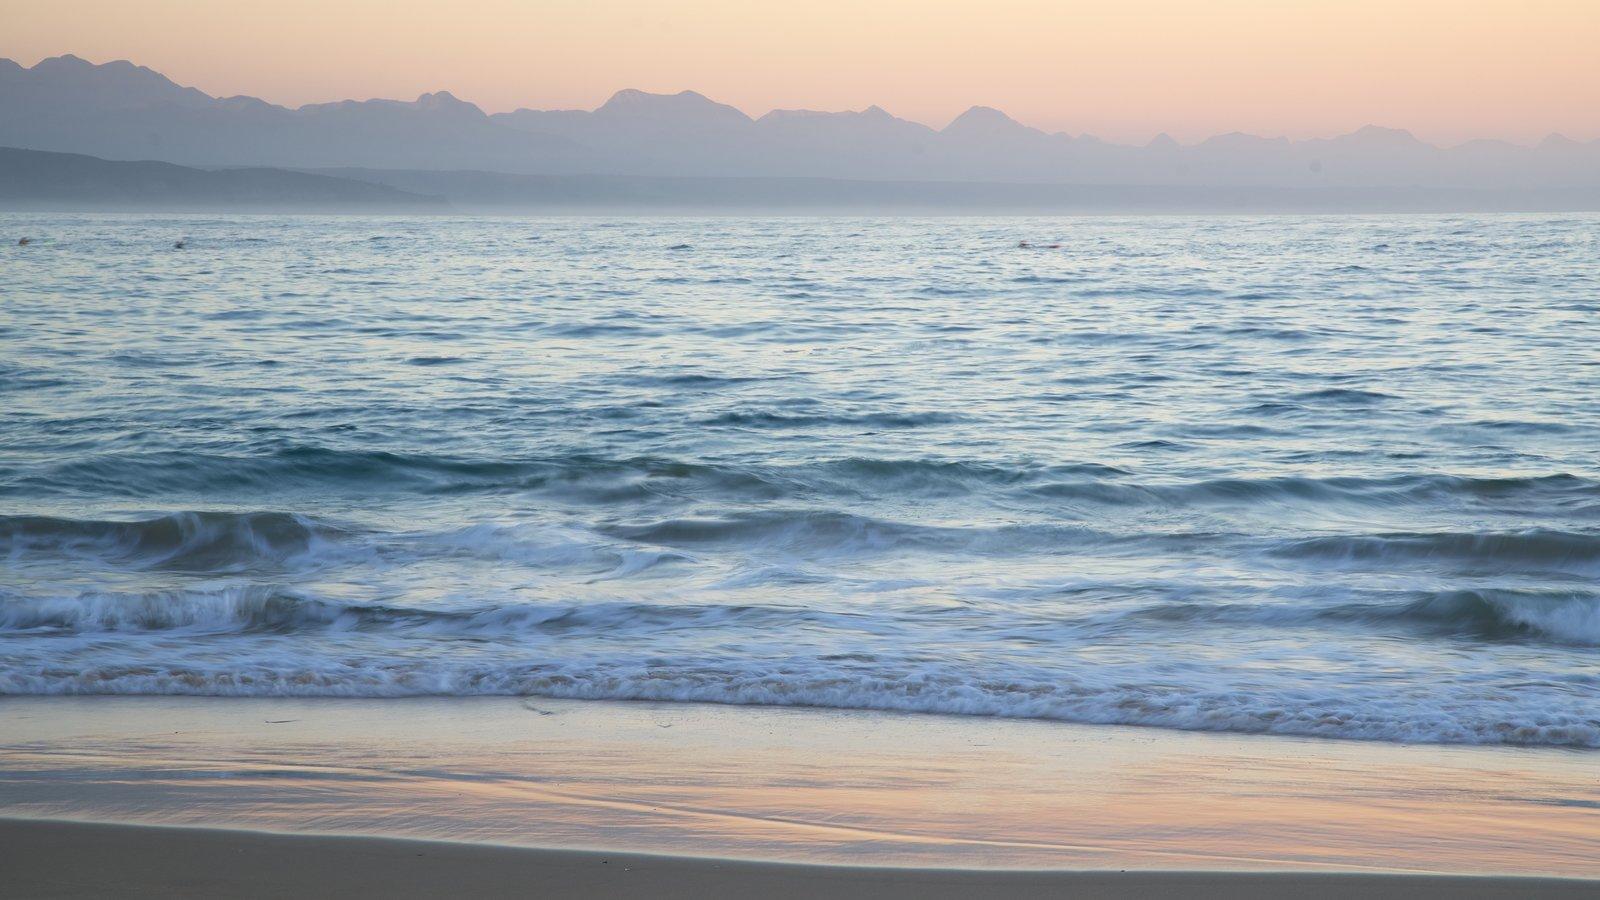 Playa de Plettenberg Bay ofreciendo una puesta de sol, una playa de arena y olas